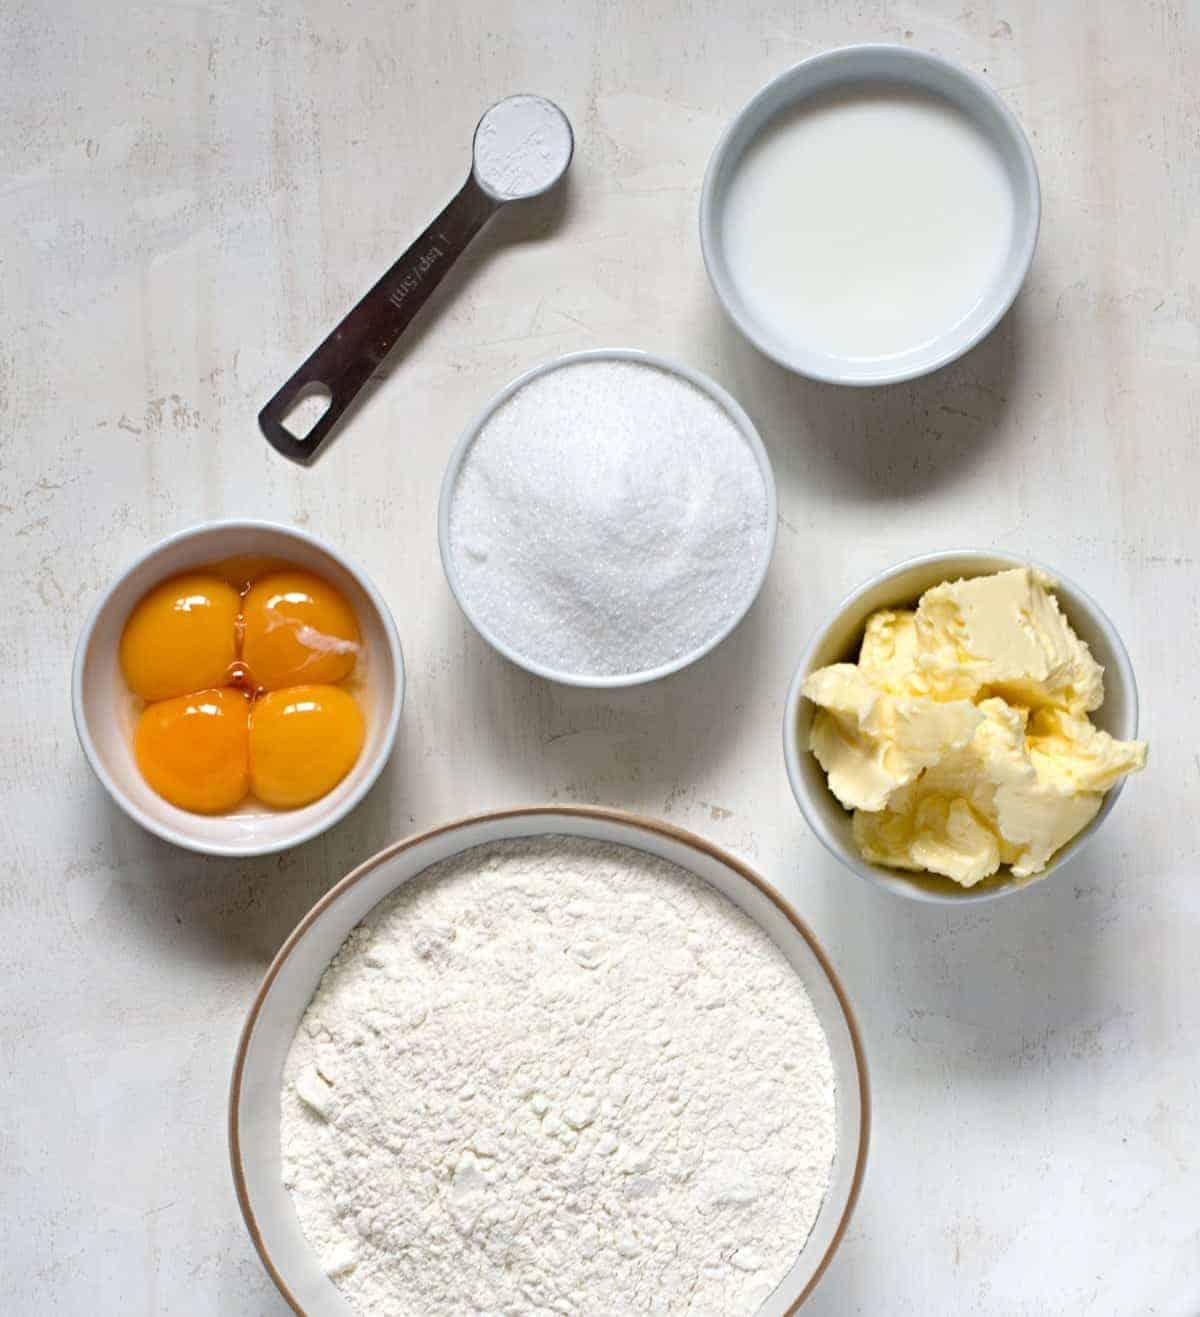 Apple slices ingredients.